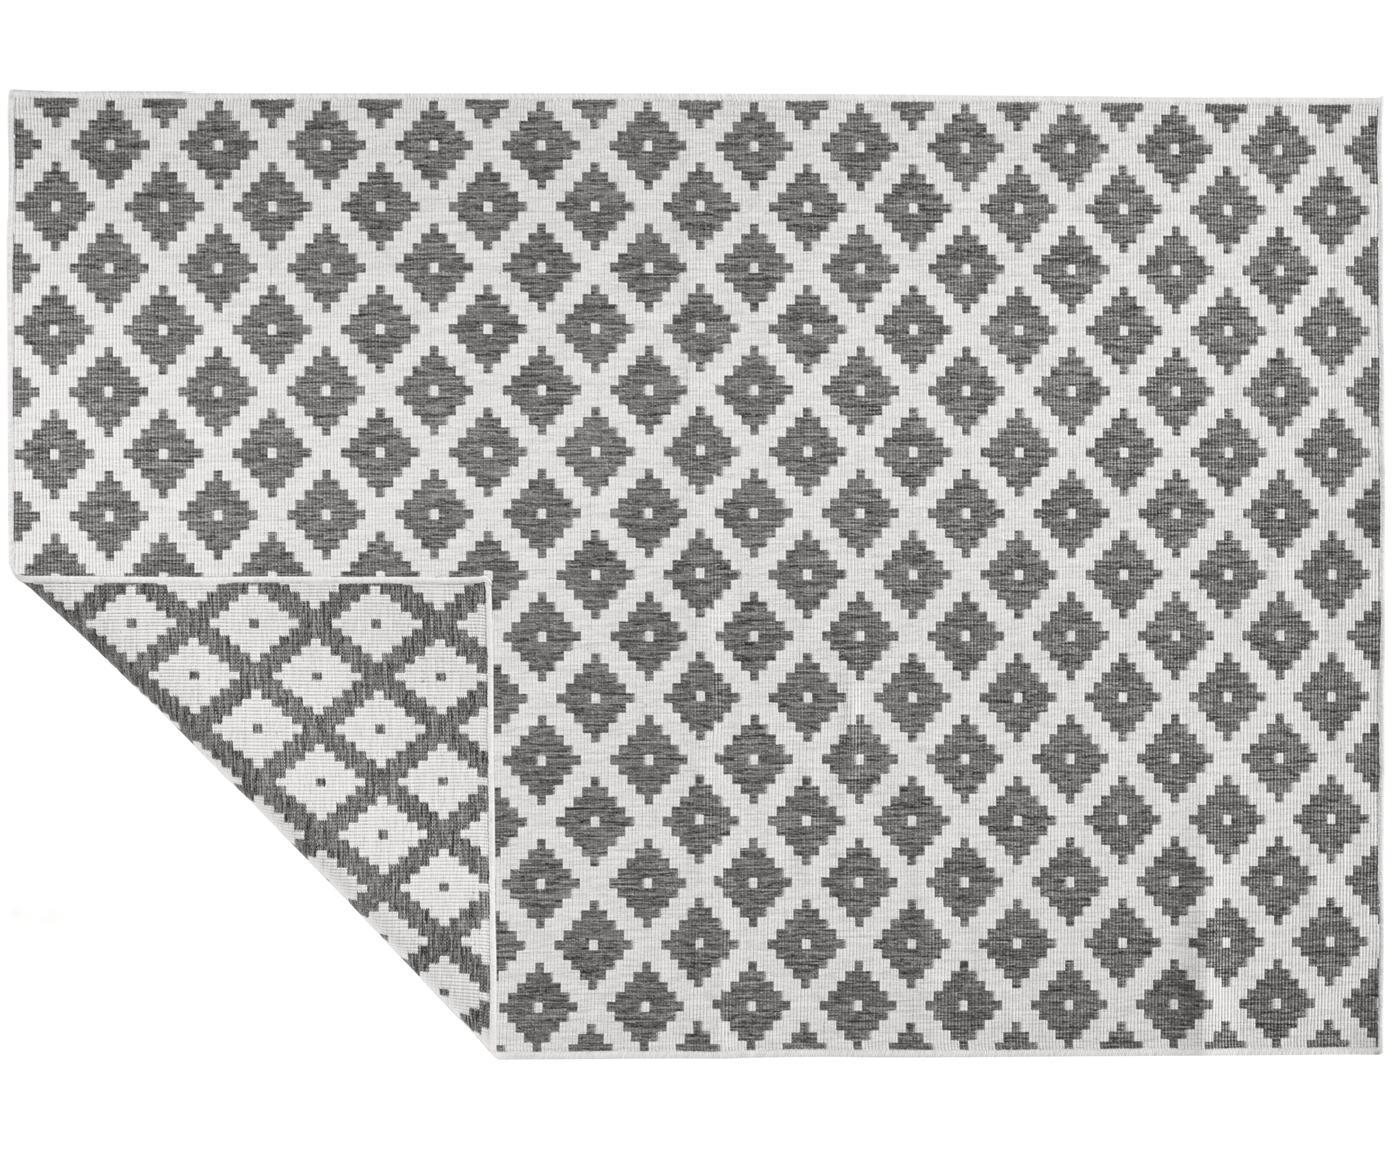 In- und Outdoor-Wendeteppich Nizza in Grau/Creme, Grau, Cremefarben, B 200 x L 290 cm (Größe L)